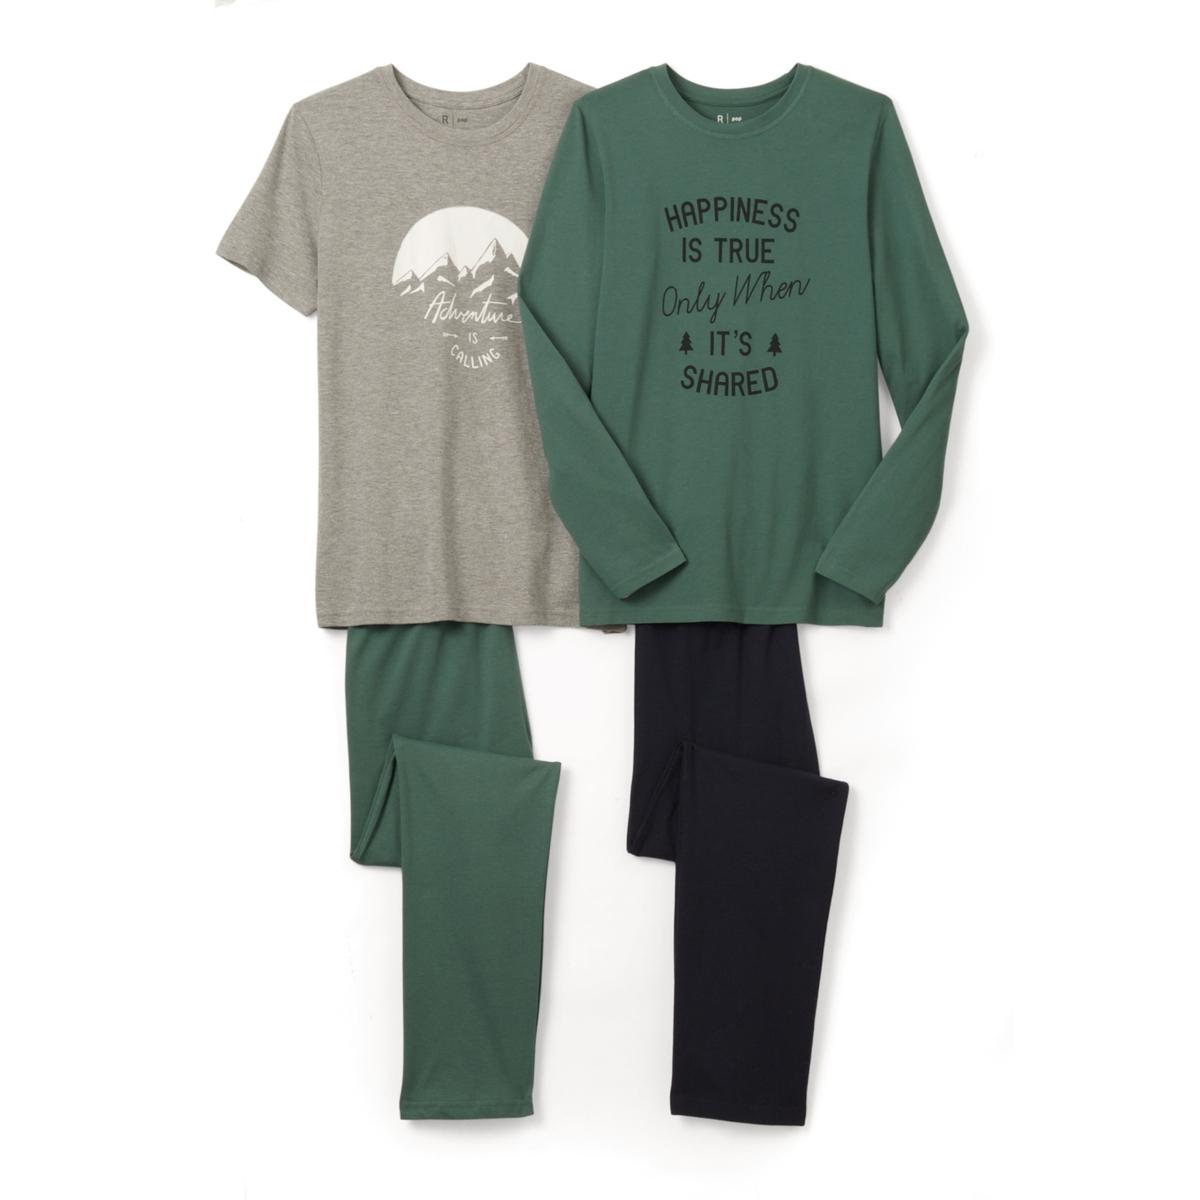 2 пижамы с принтом 10-16 летСостав и описание :    Материал       Джерси 85% хлопка, 15% вискозы   Уход: - Машинная стирка при 30°C с вещами схожих цветов. Стирать, сушить и гладить с изнаночной стороны. Машинная сушка в умеренном режиме. Гладить на средней температуре  .<br><br>Цвет: зеленый + серый меланж<br>Размер: 10 лет - 138 см.16 лет - 174 см.14 лет - 162 см.12 лет -150 см